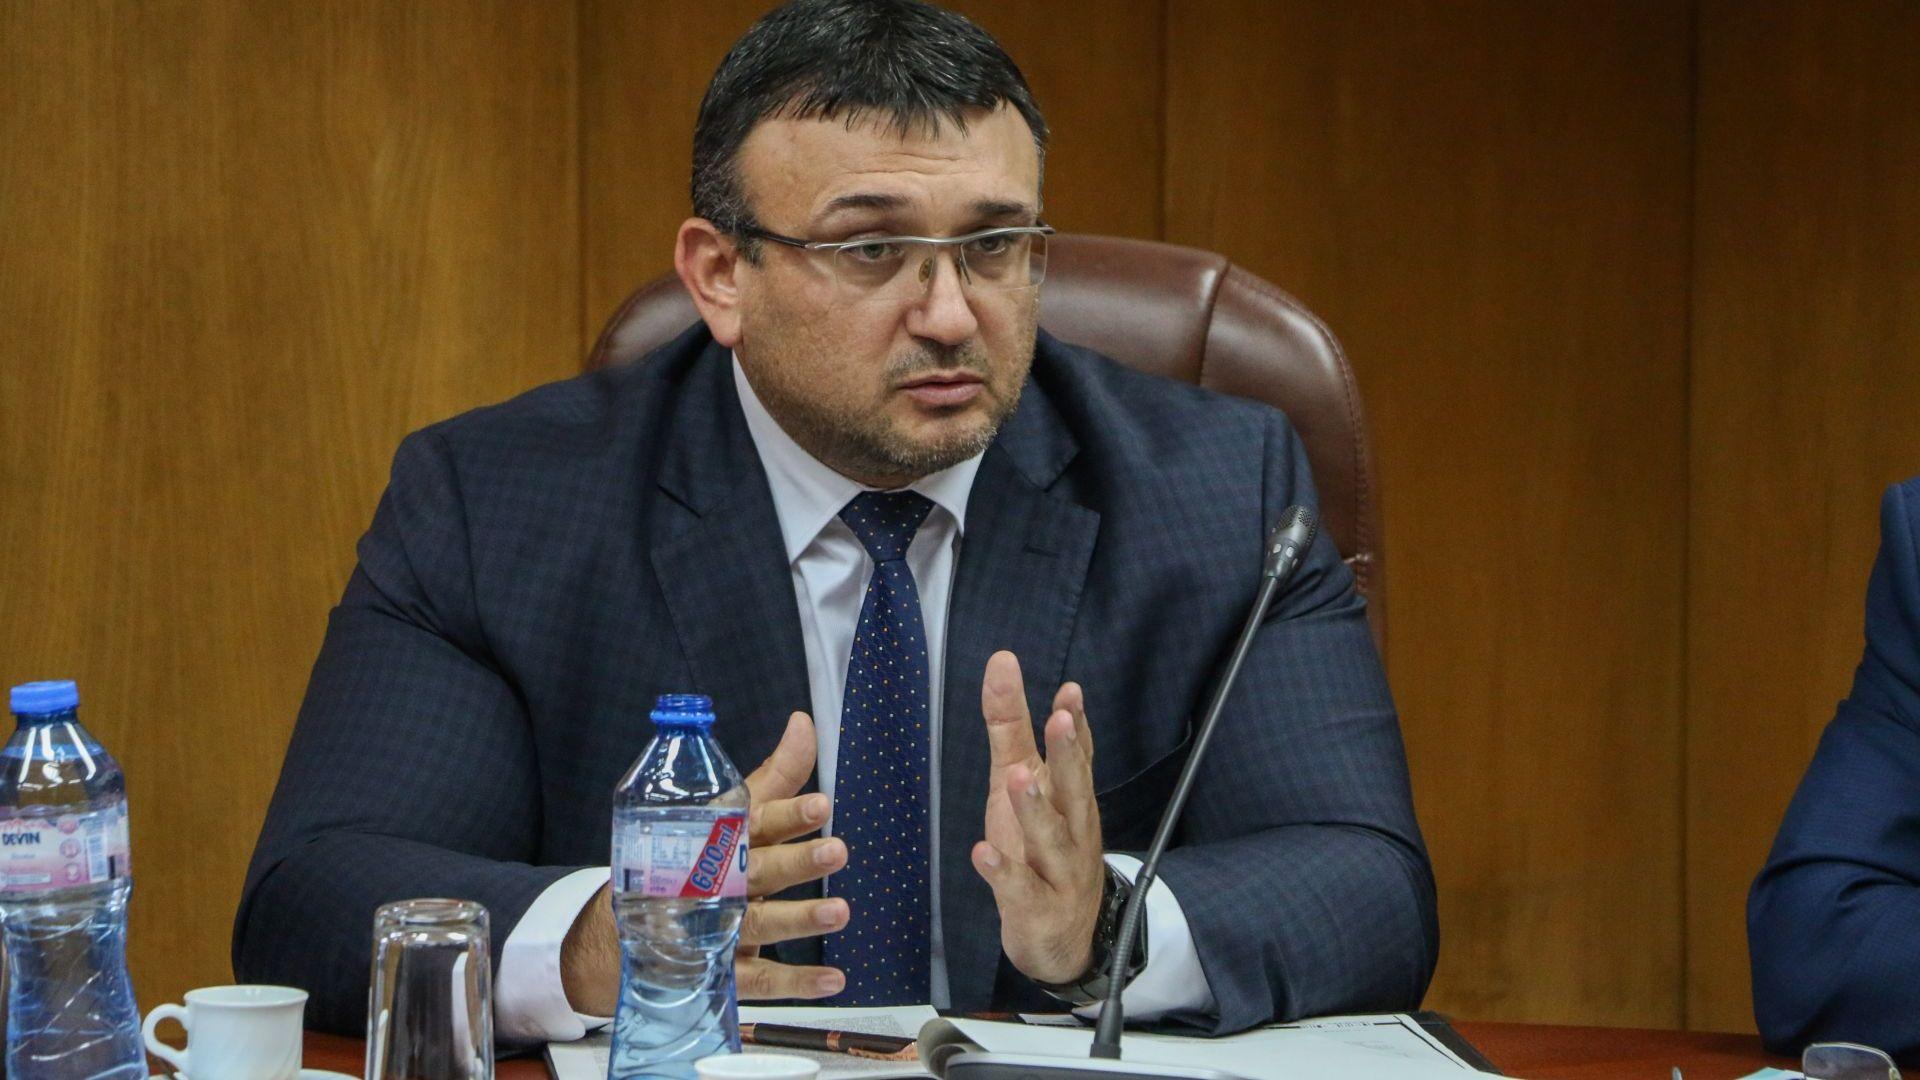 Вътрешният министър: Престъпността намалява, убийствата са под 100